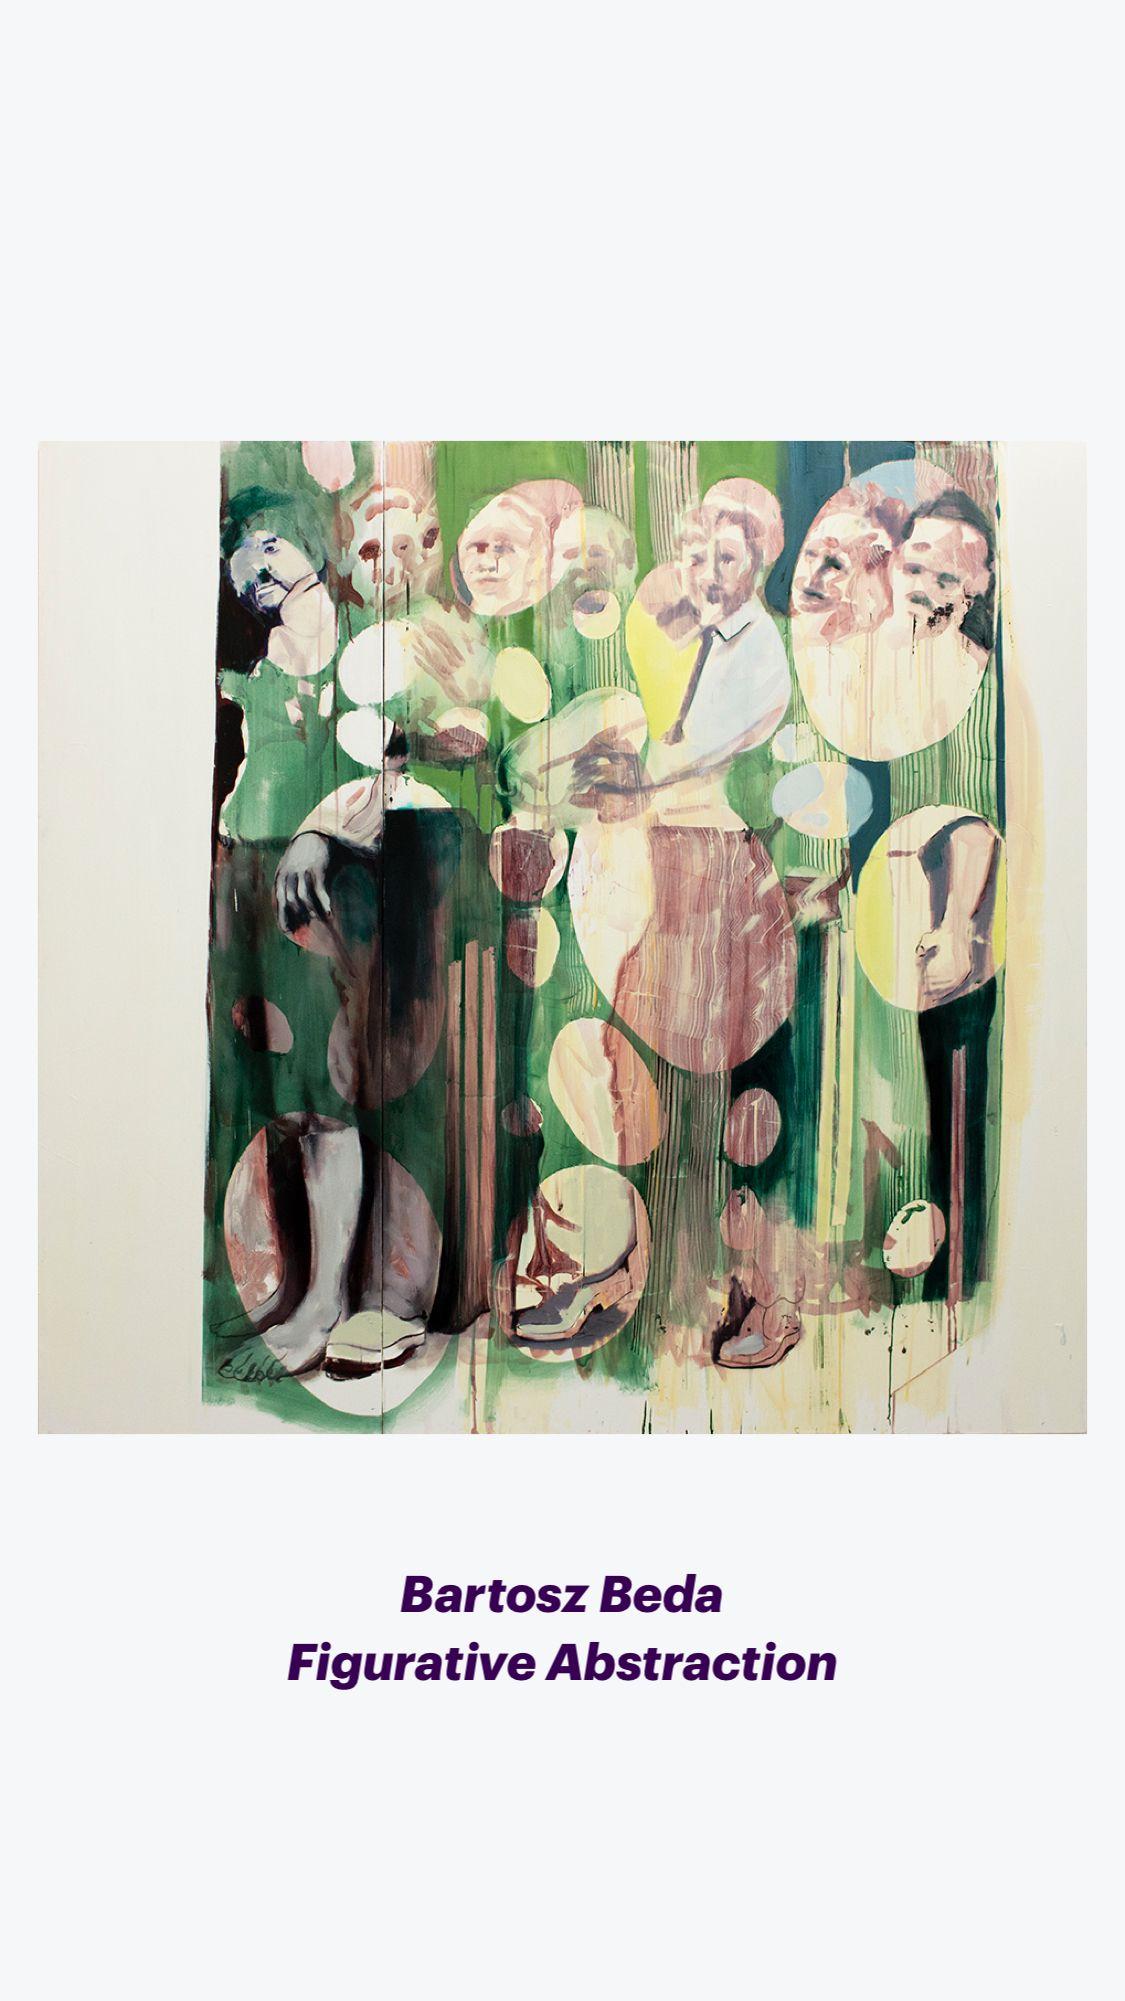 Bartosz Beda Figurative Abstraction